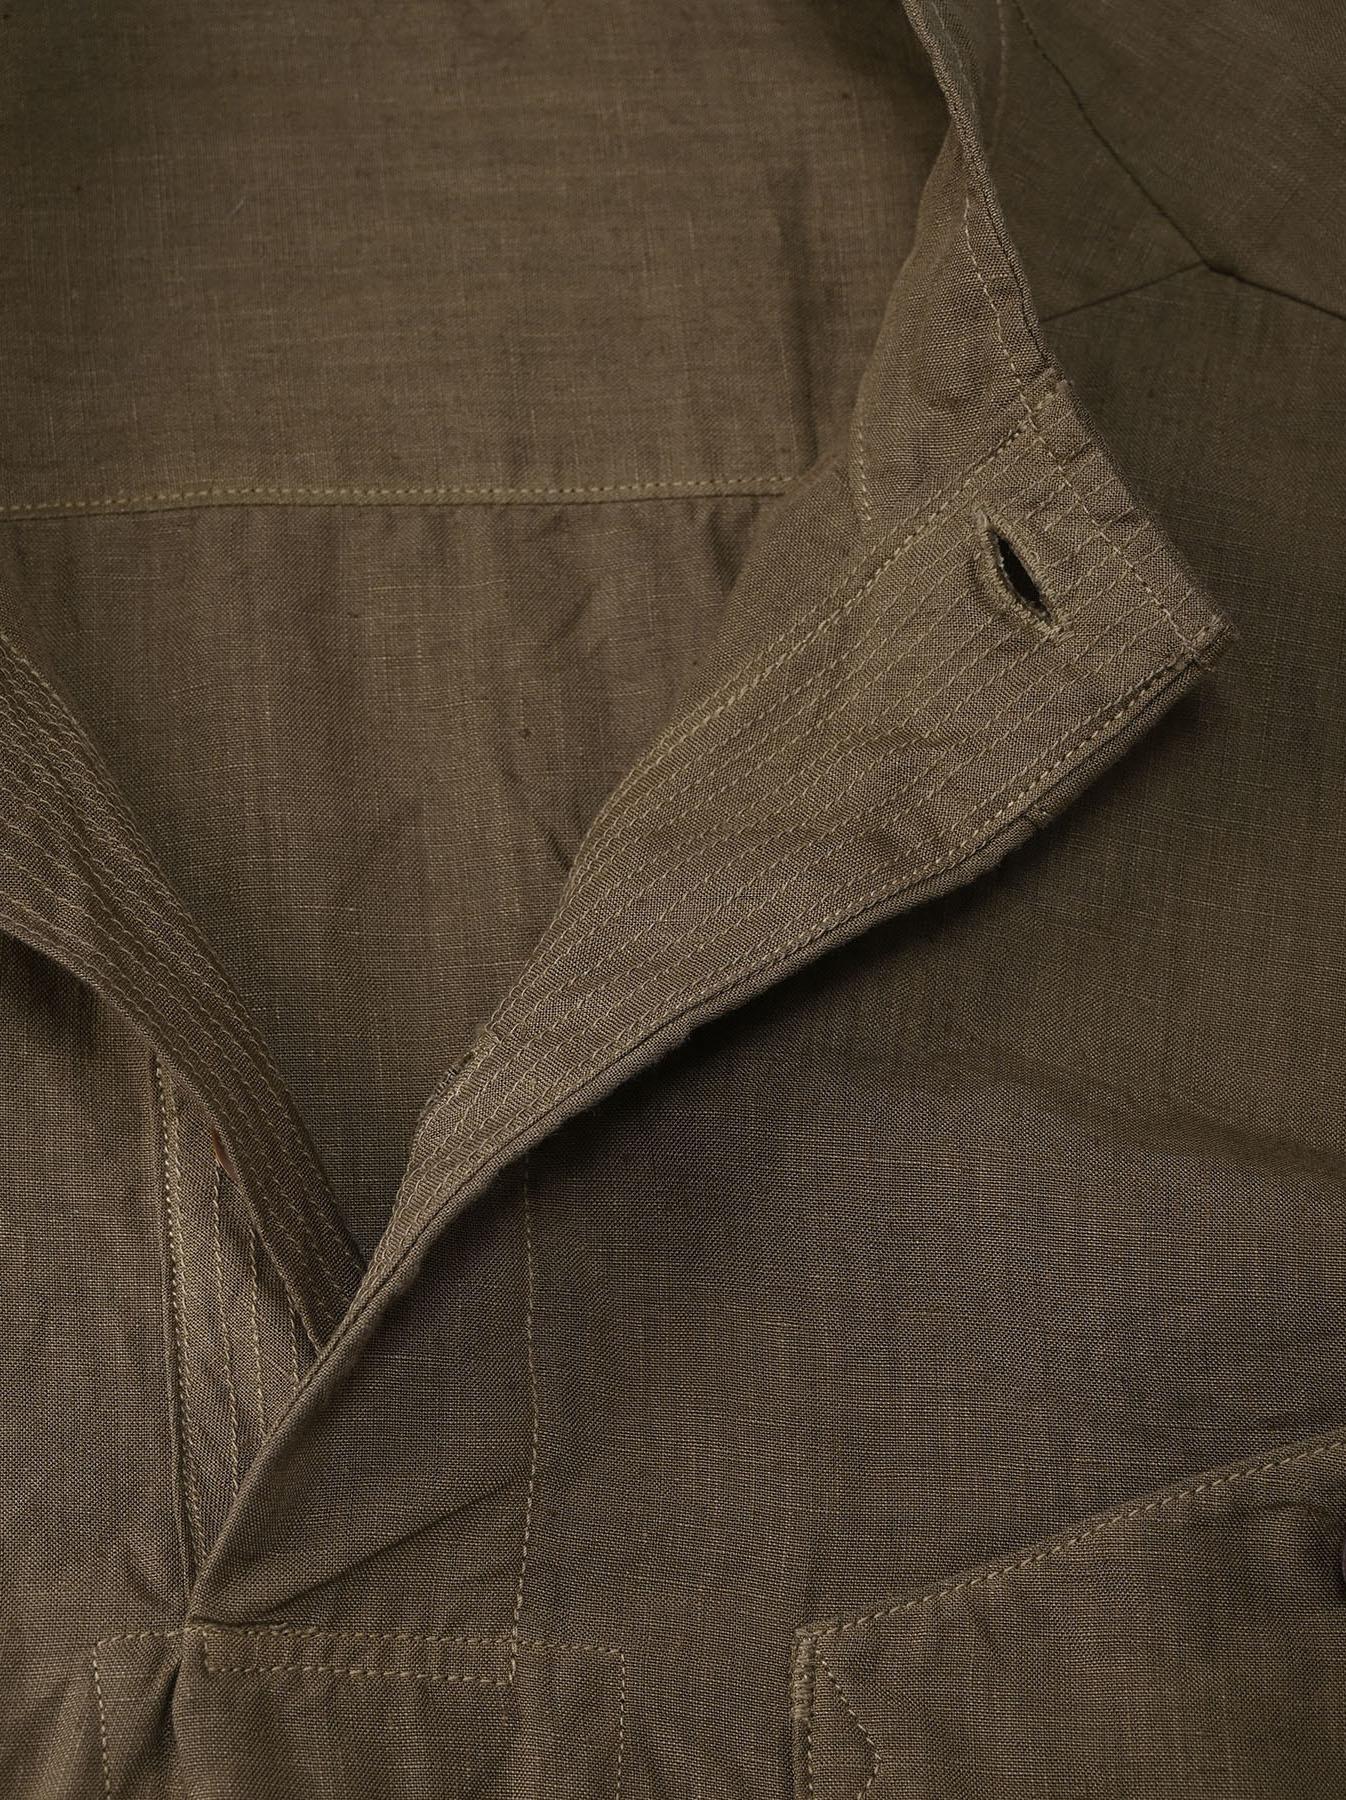 Linen 908 Ocean Pull Shirt (0521)-7